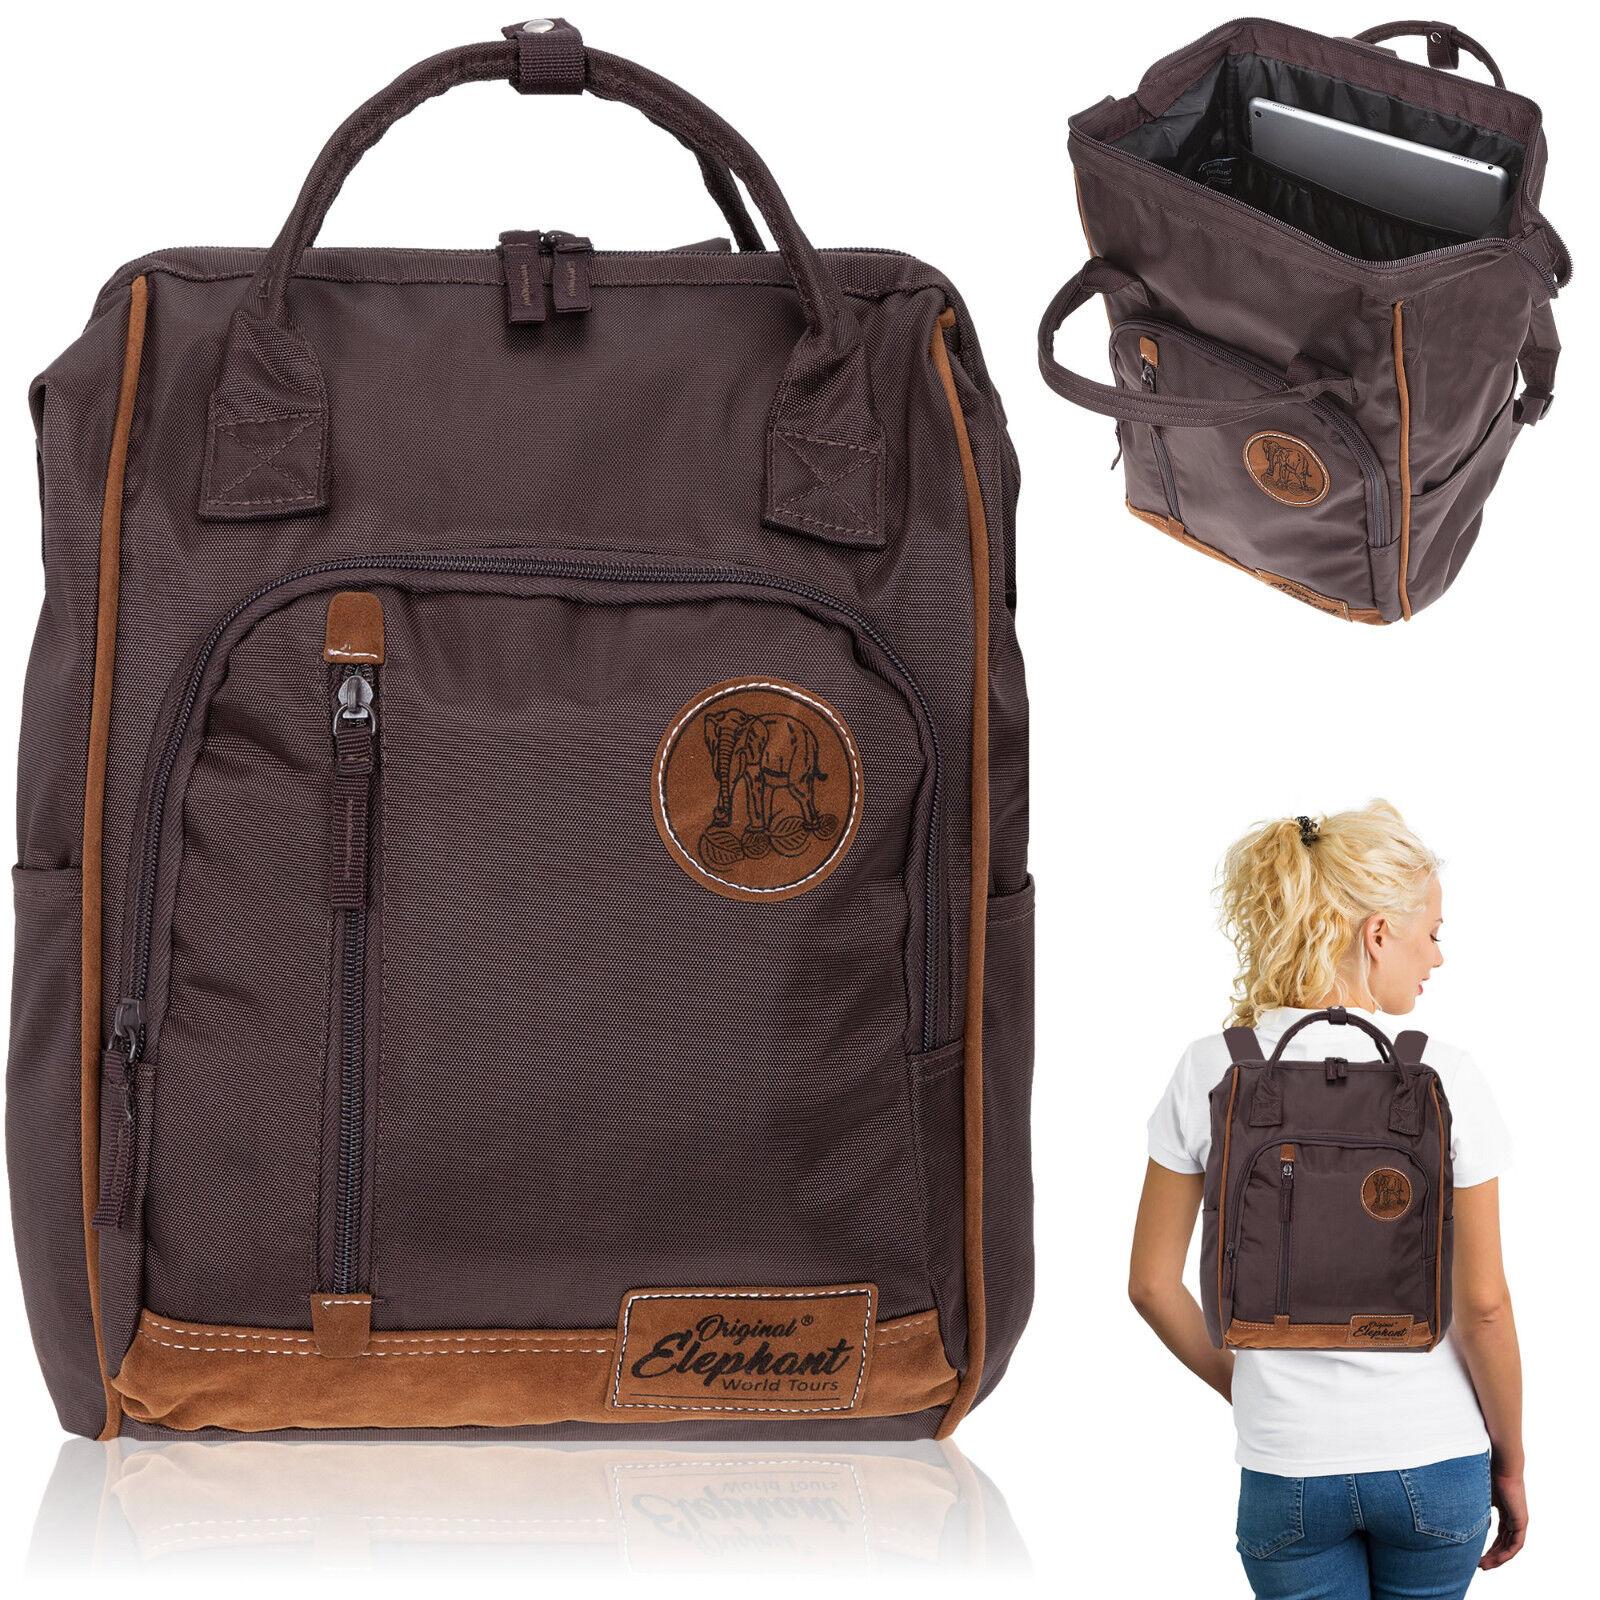 Rucksack Damen Elephant Finn Tasche A4 Alltagsrucksack Aktentasche Bag Braun